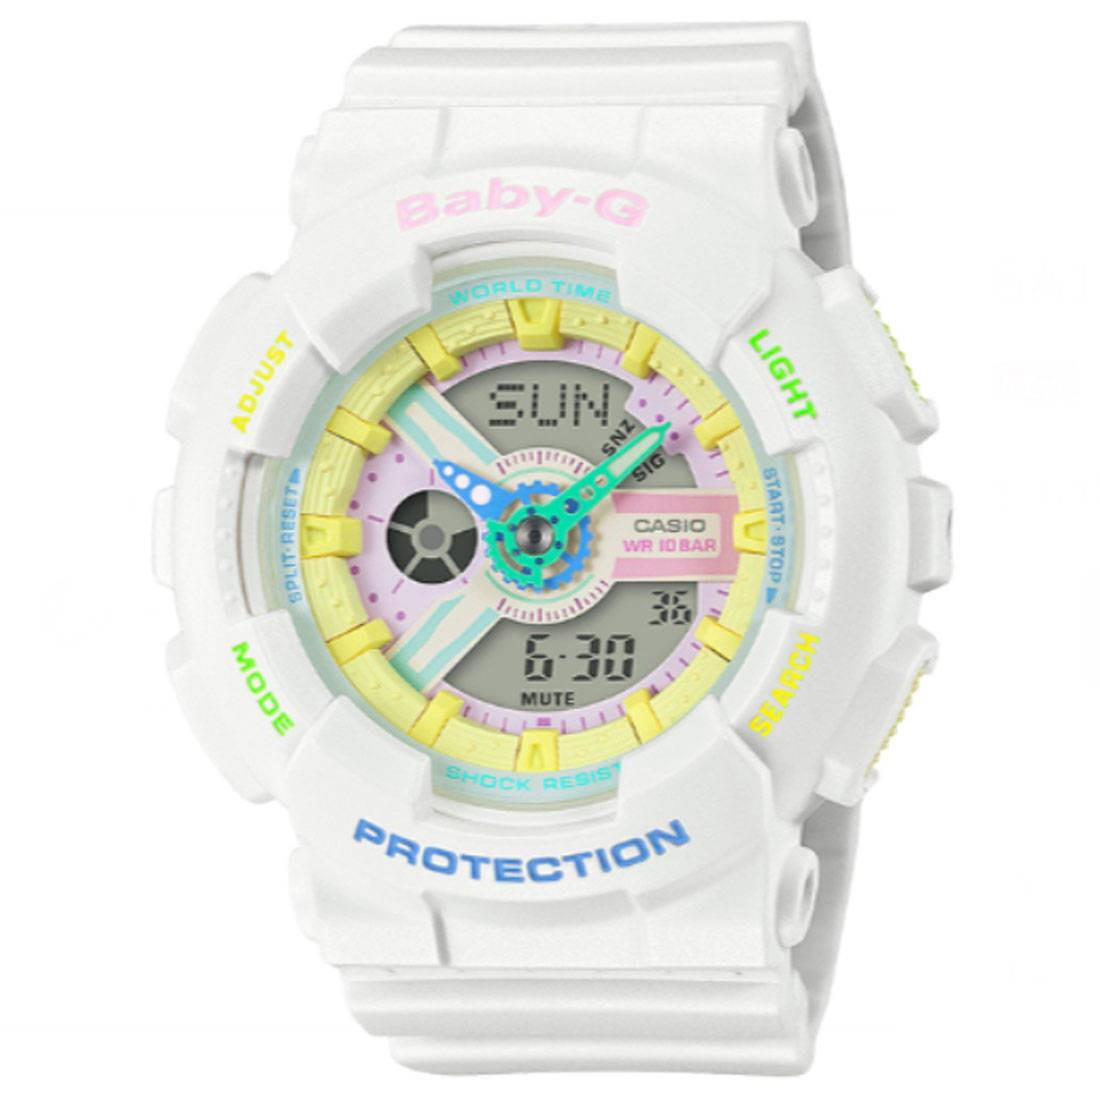 G-Shock Watches Baby G BA110TM-7A Watch (white)